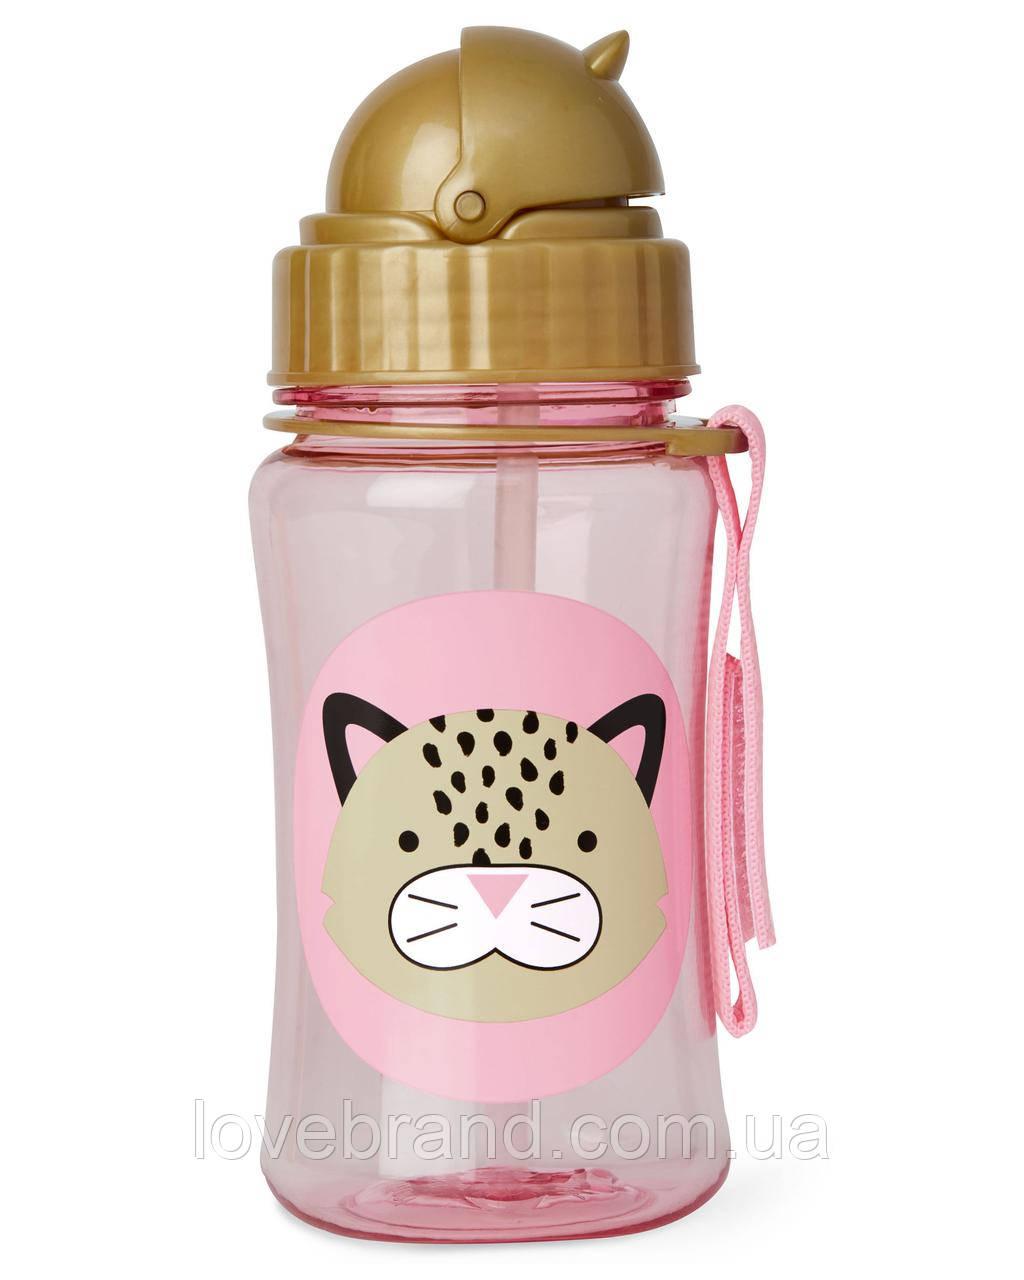 """Детский поильник Skip Hop """"Котёнок"""" , бутылочка с силиконовой трубочкой для девочки ОРИГИНАЛ (Скип Хоп)"""